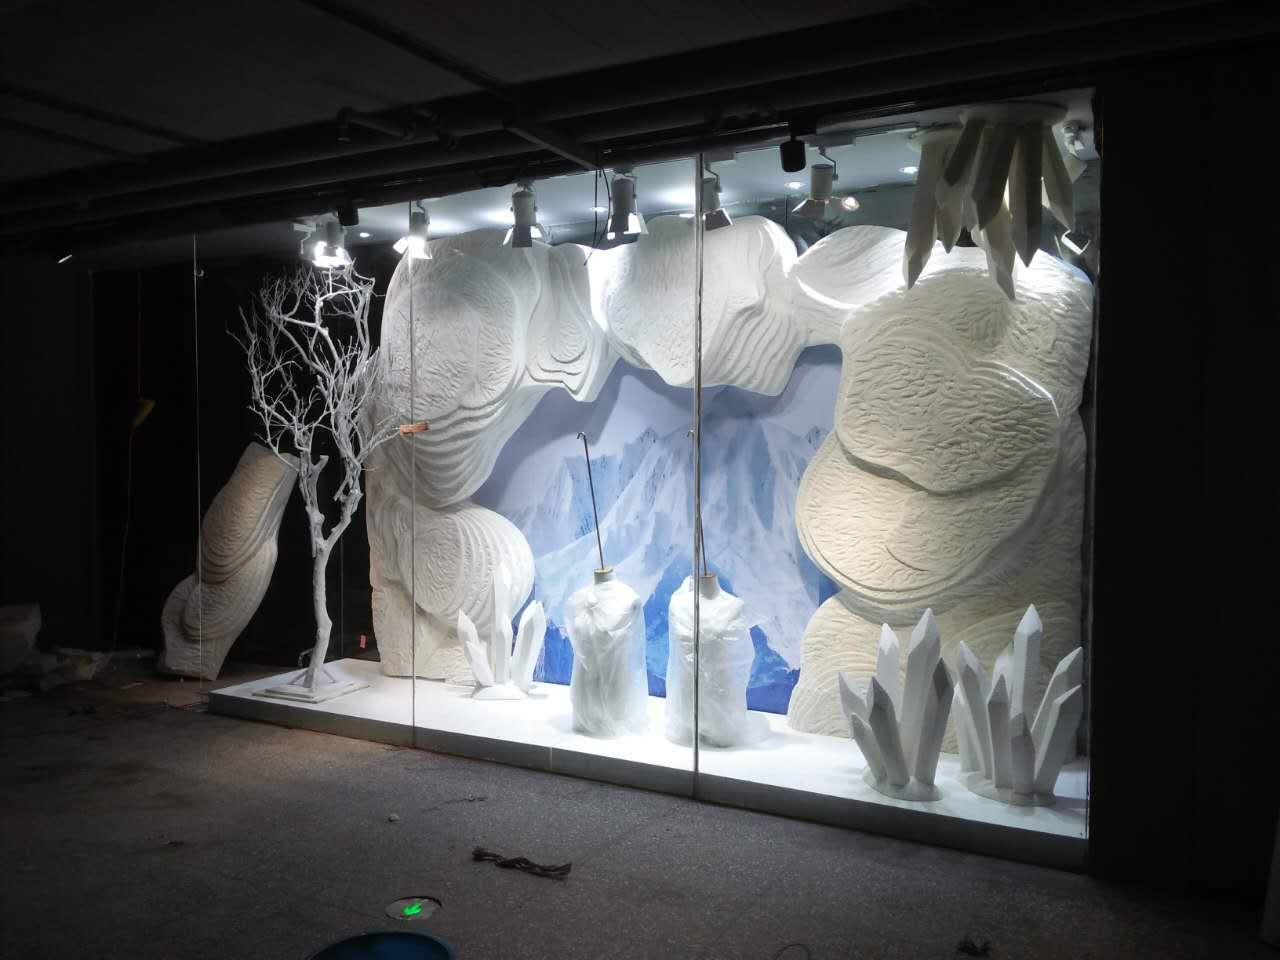 抽象冰雕雕塑